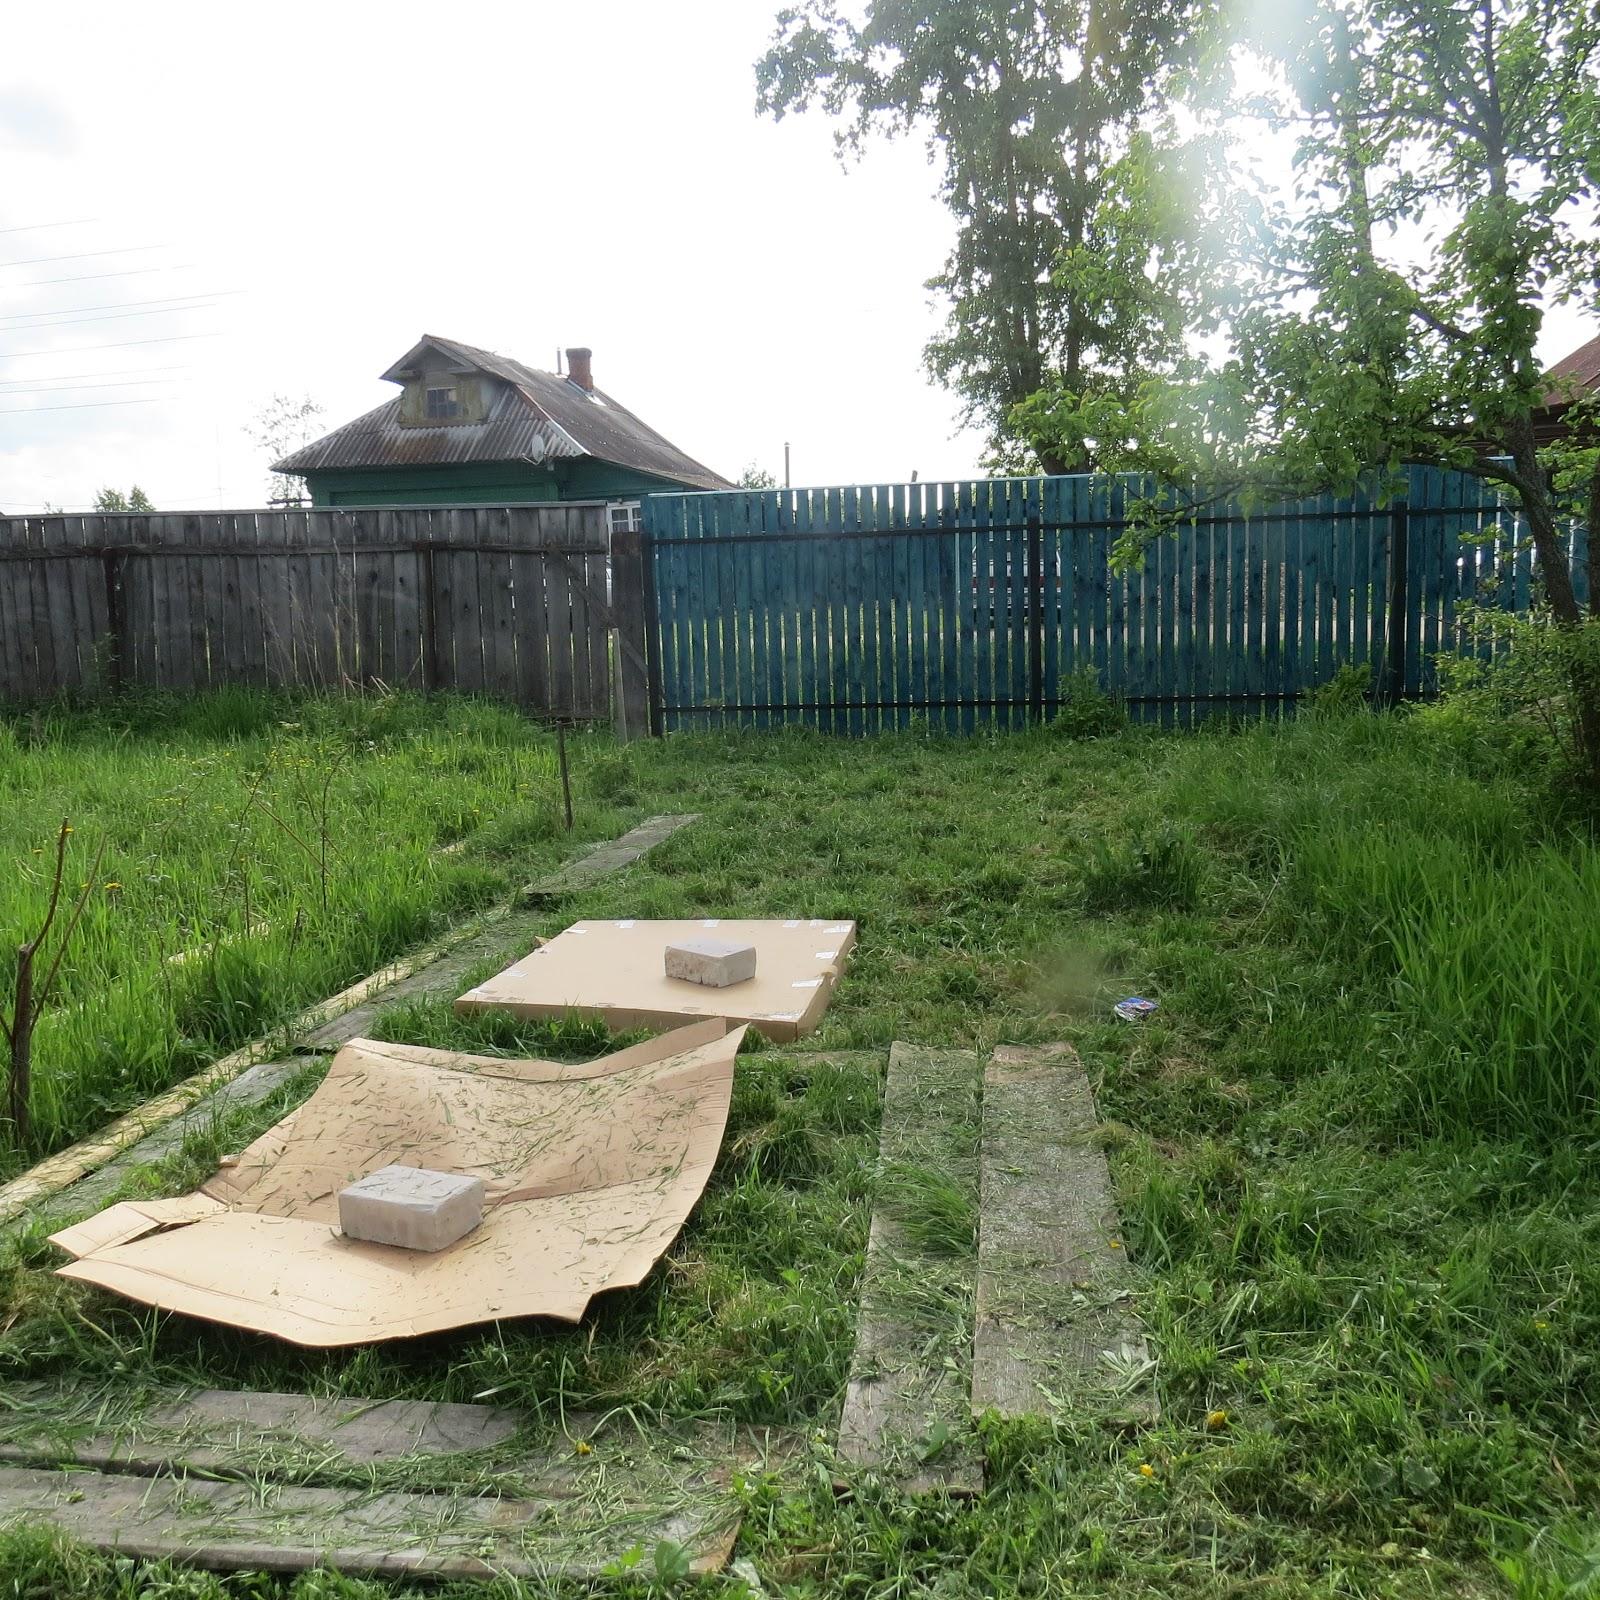 e8033926c48 Je pose les planches de mon ancienne palissade par terre en ménageant des  espaces. D'ailleurs, je fais cela dans tout le jardin, une succession  d'espaces.